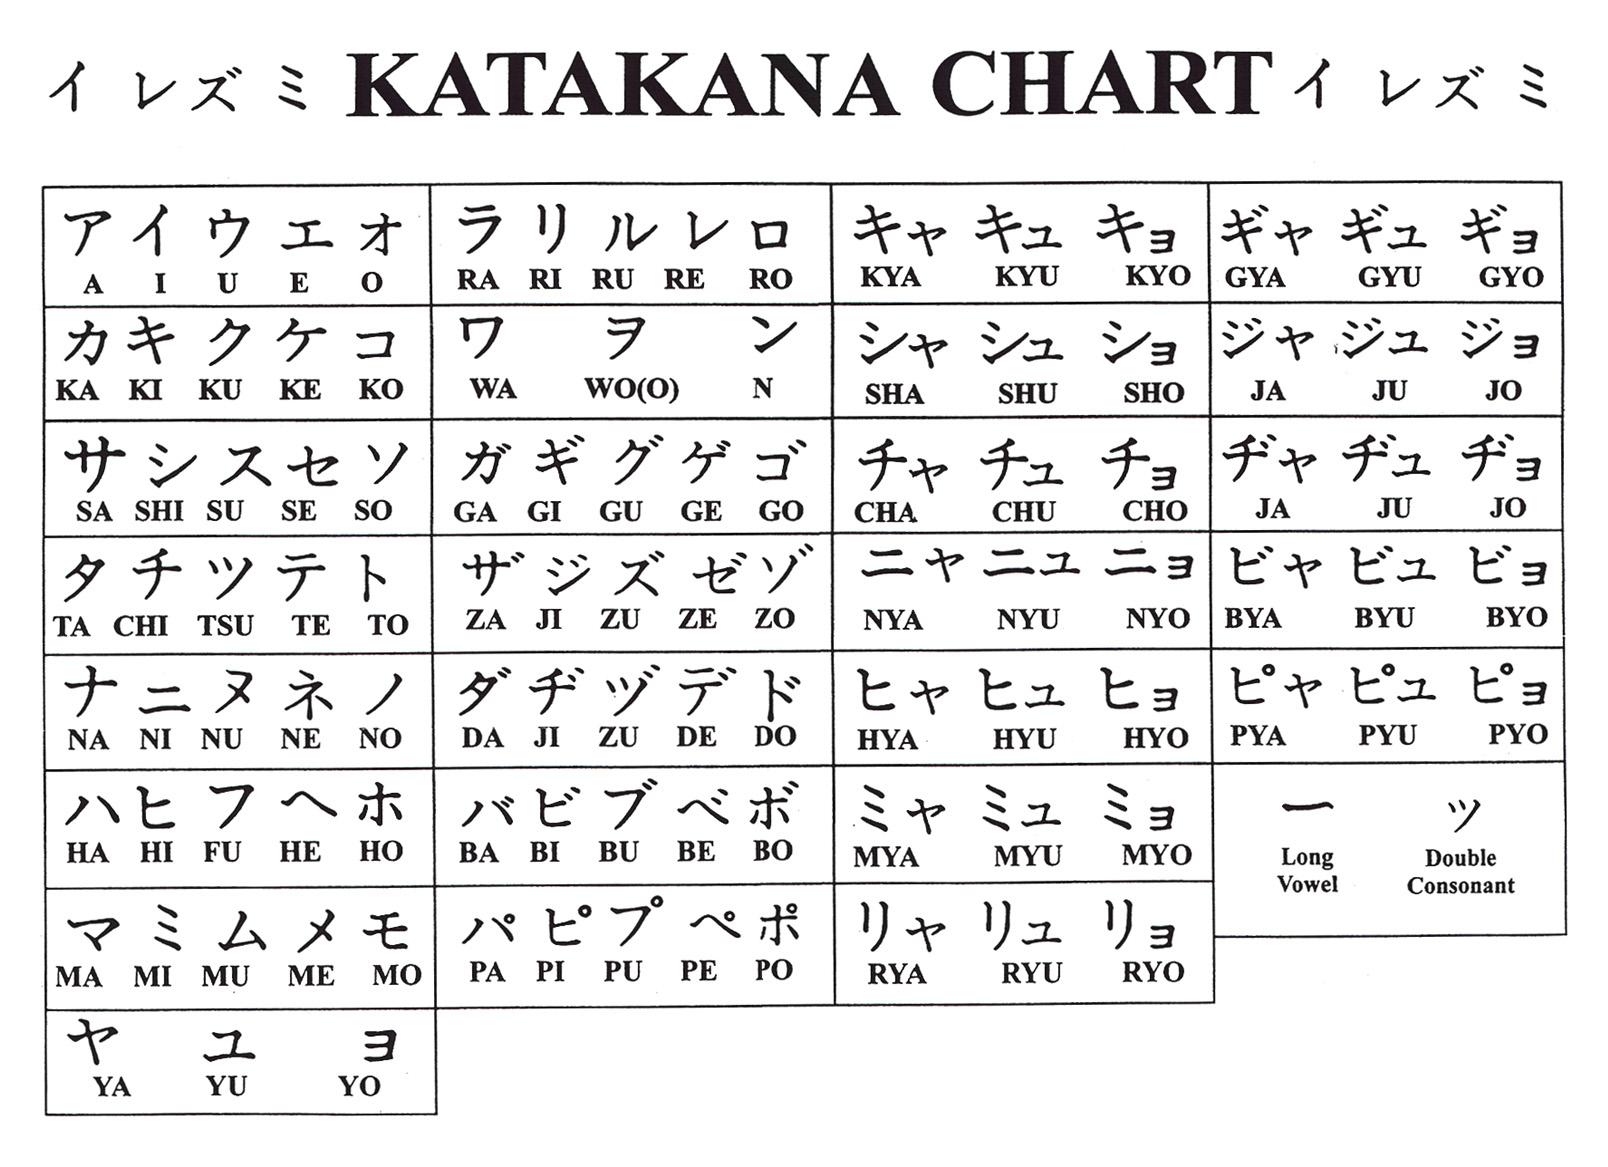 Workbooks japanese hiragana worksheets : Final_Presentation_Schwartz_Brittany on emaze